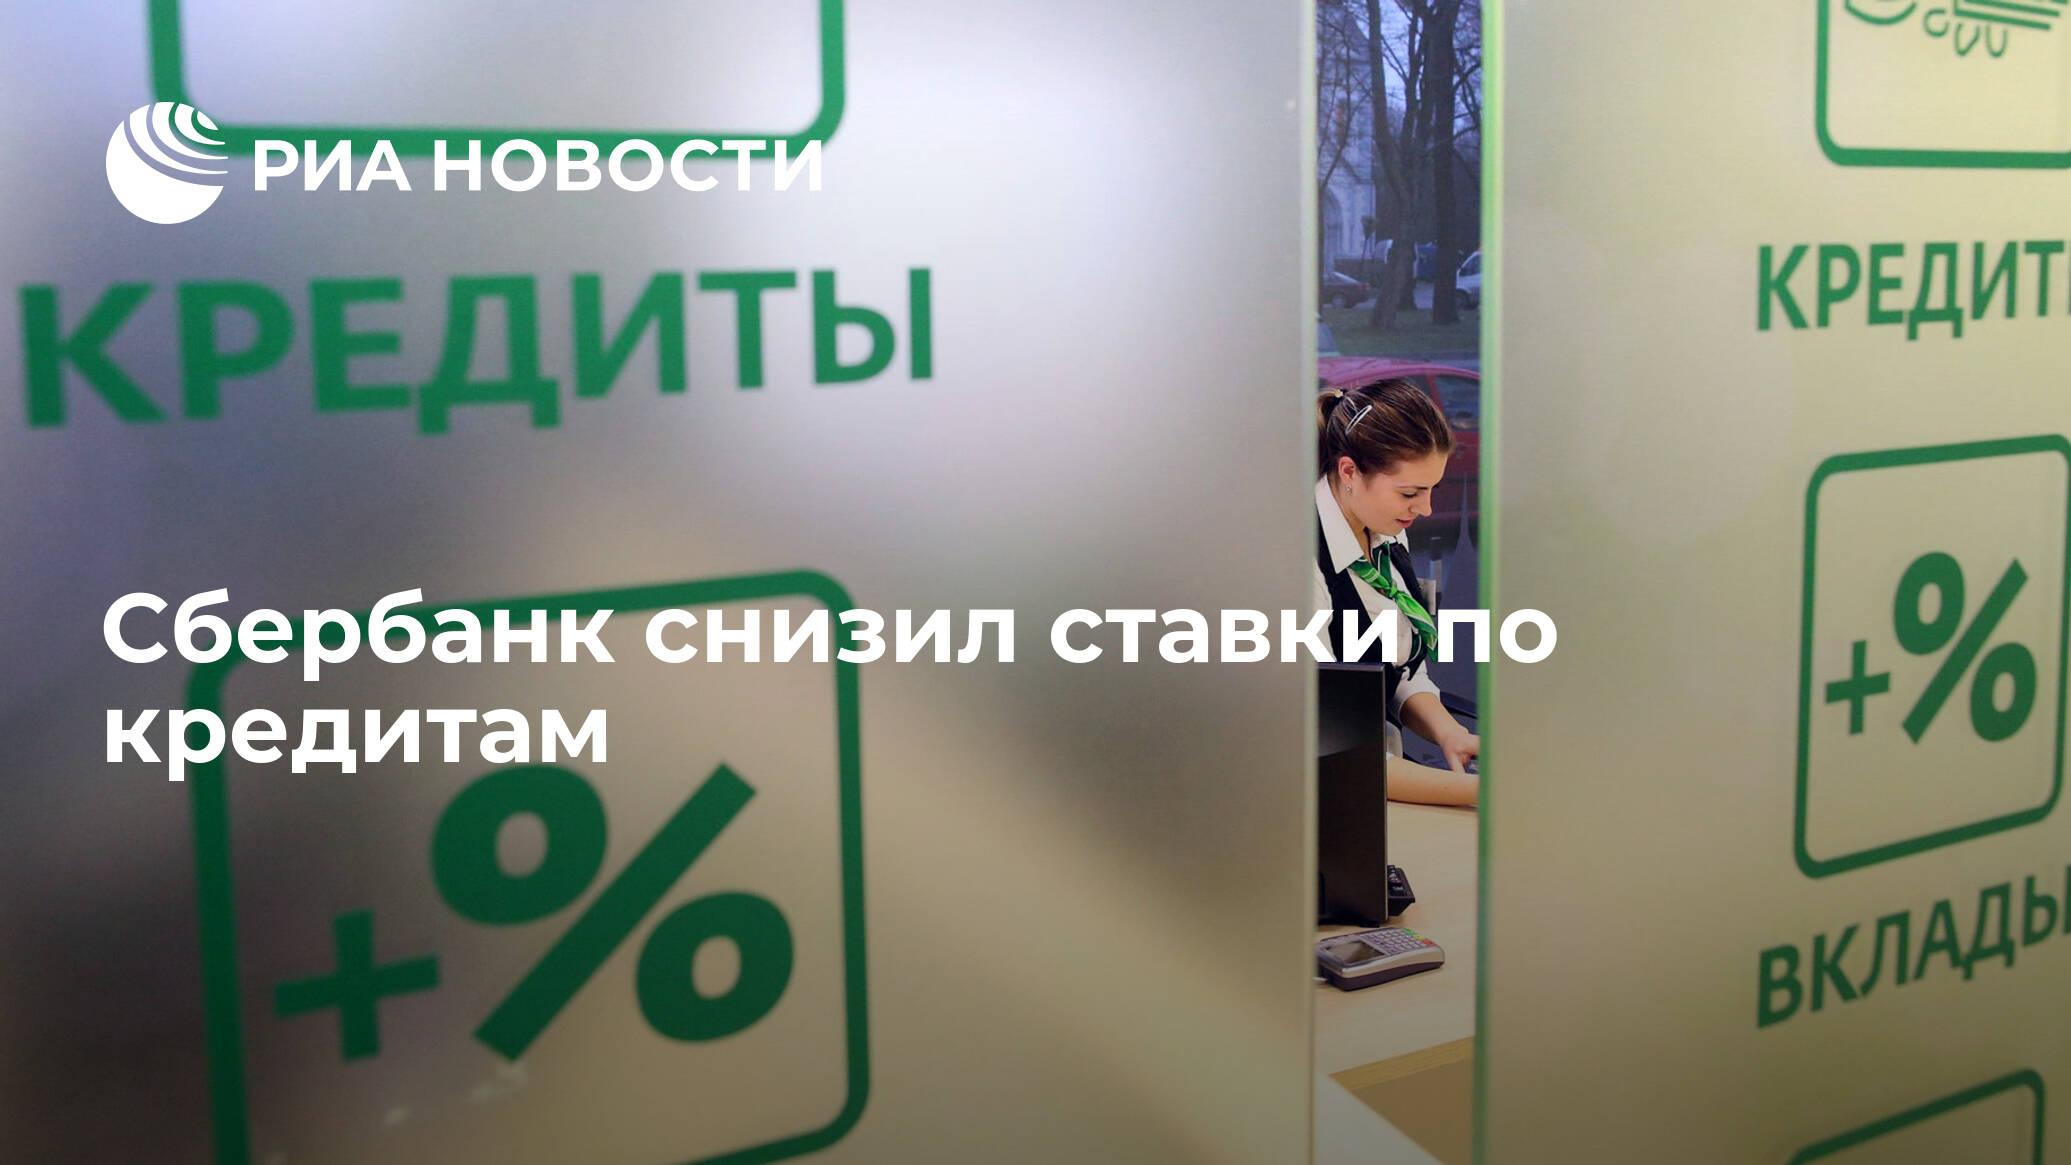 Взять потребительский кредит сбербанк под минимальный процент